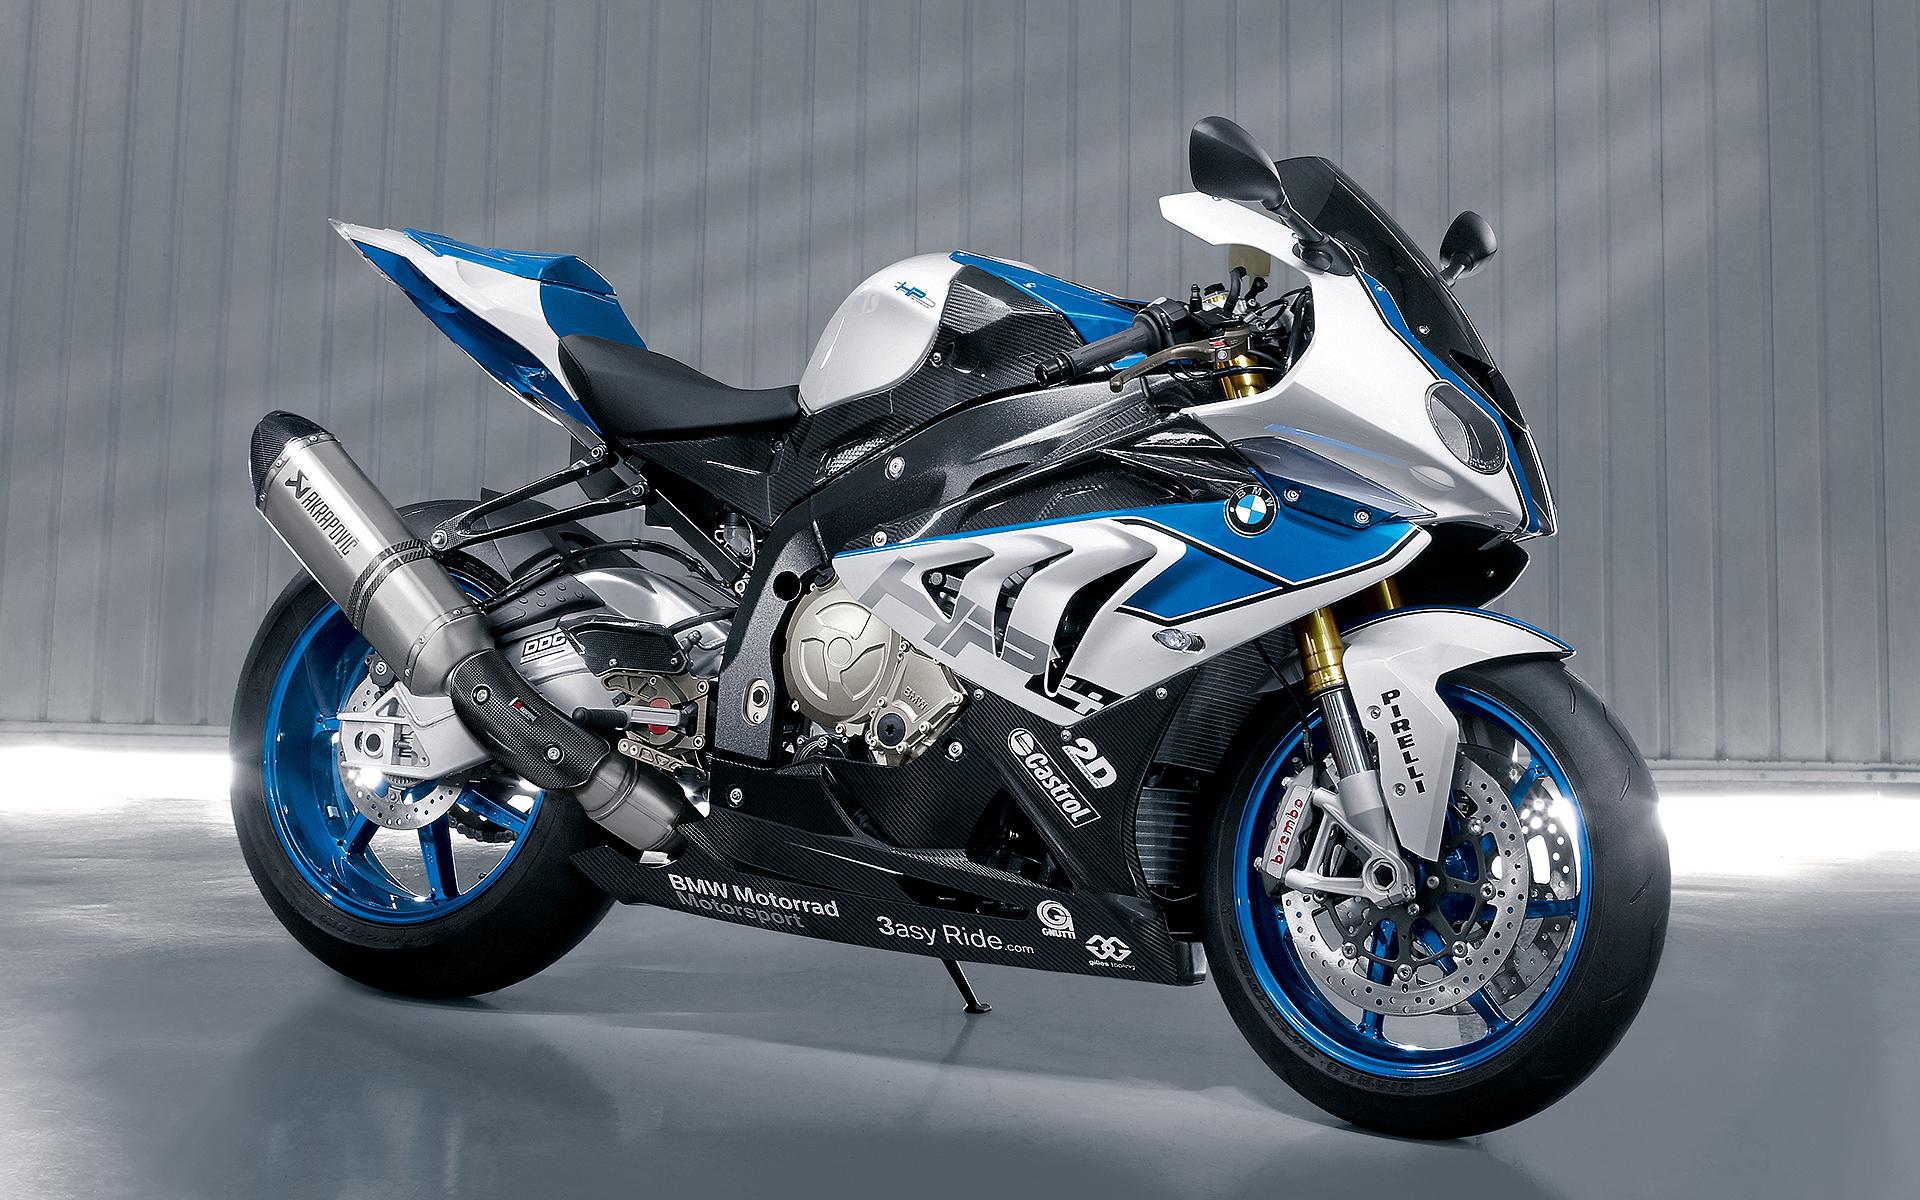 BMW S1000RR, Motor Sport Tercepat di Dunia Yang Dibekali Mesin 1.000cc 1